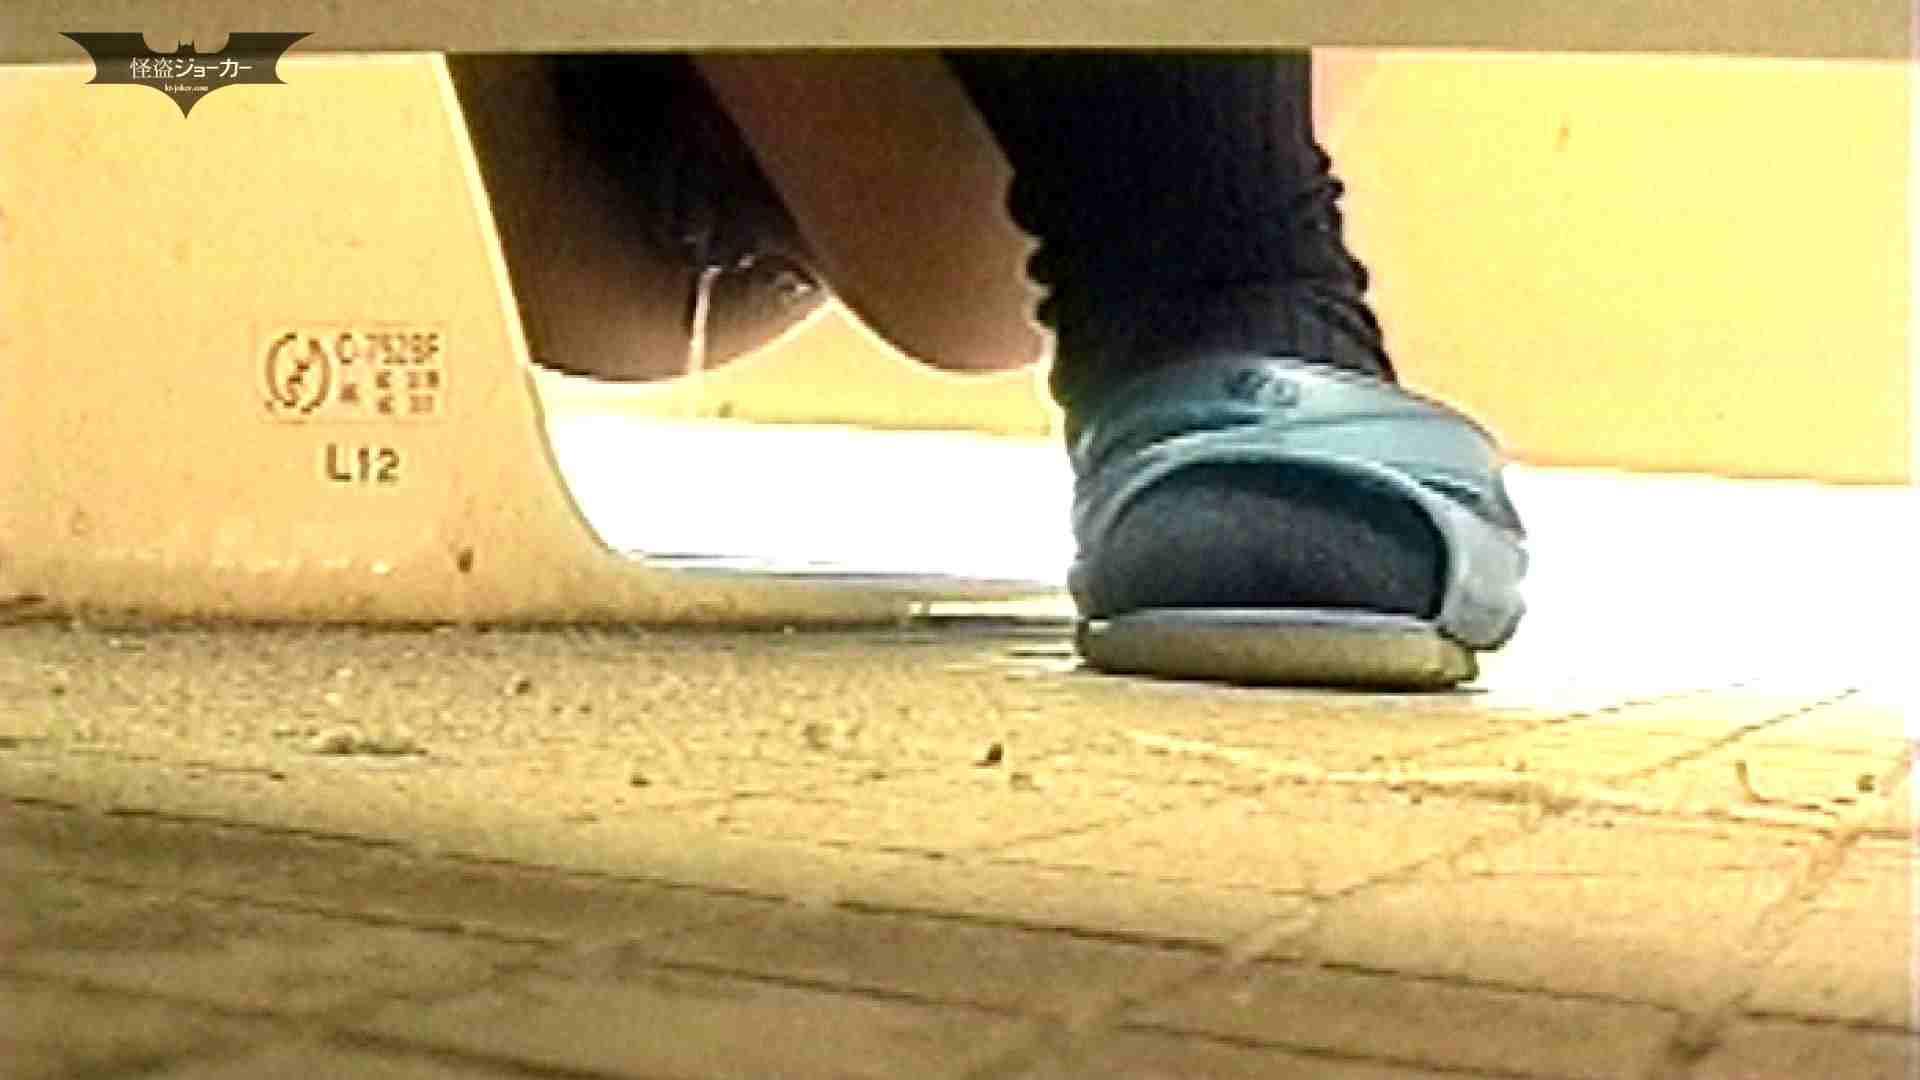 女の子の休み時間のひととき Vol.02 高画質動画 エロ無料画像 78画像 15